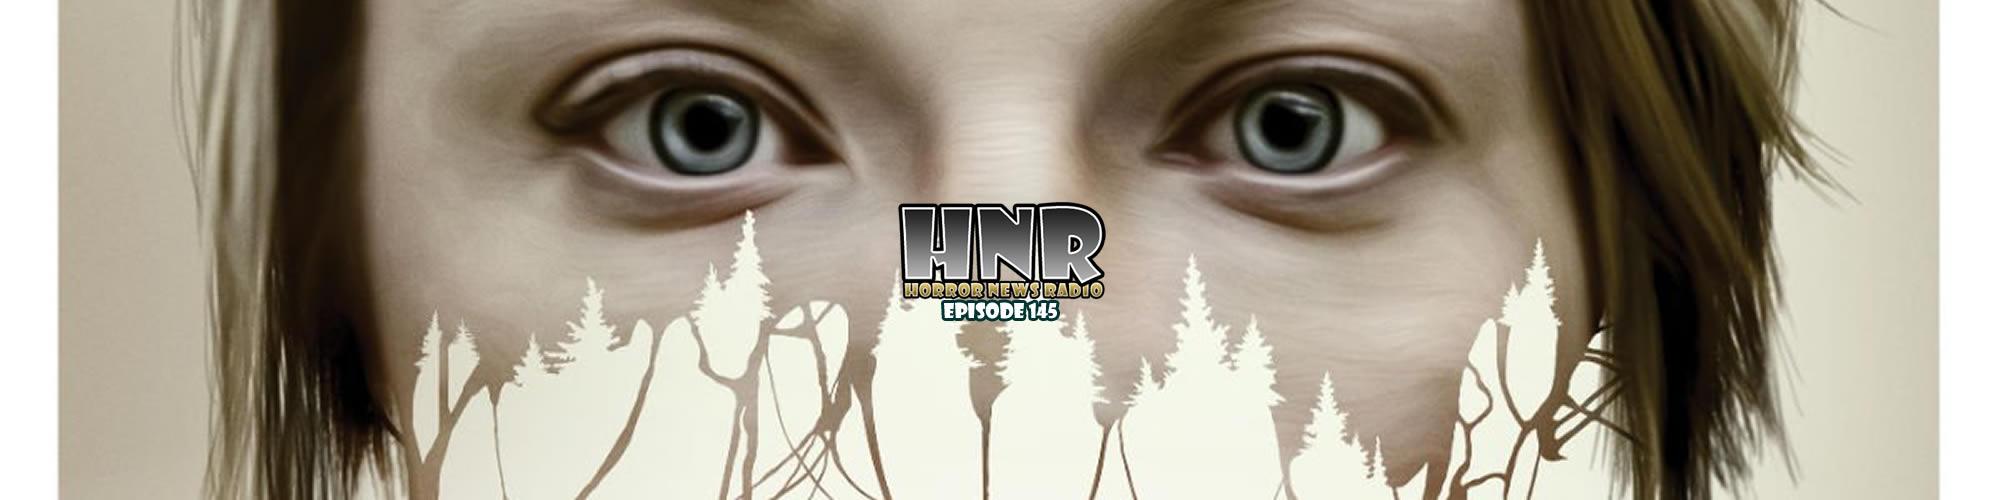 HNRSiteBanner145